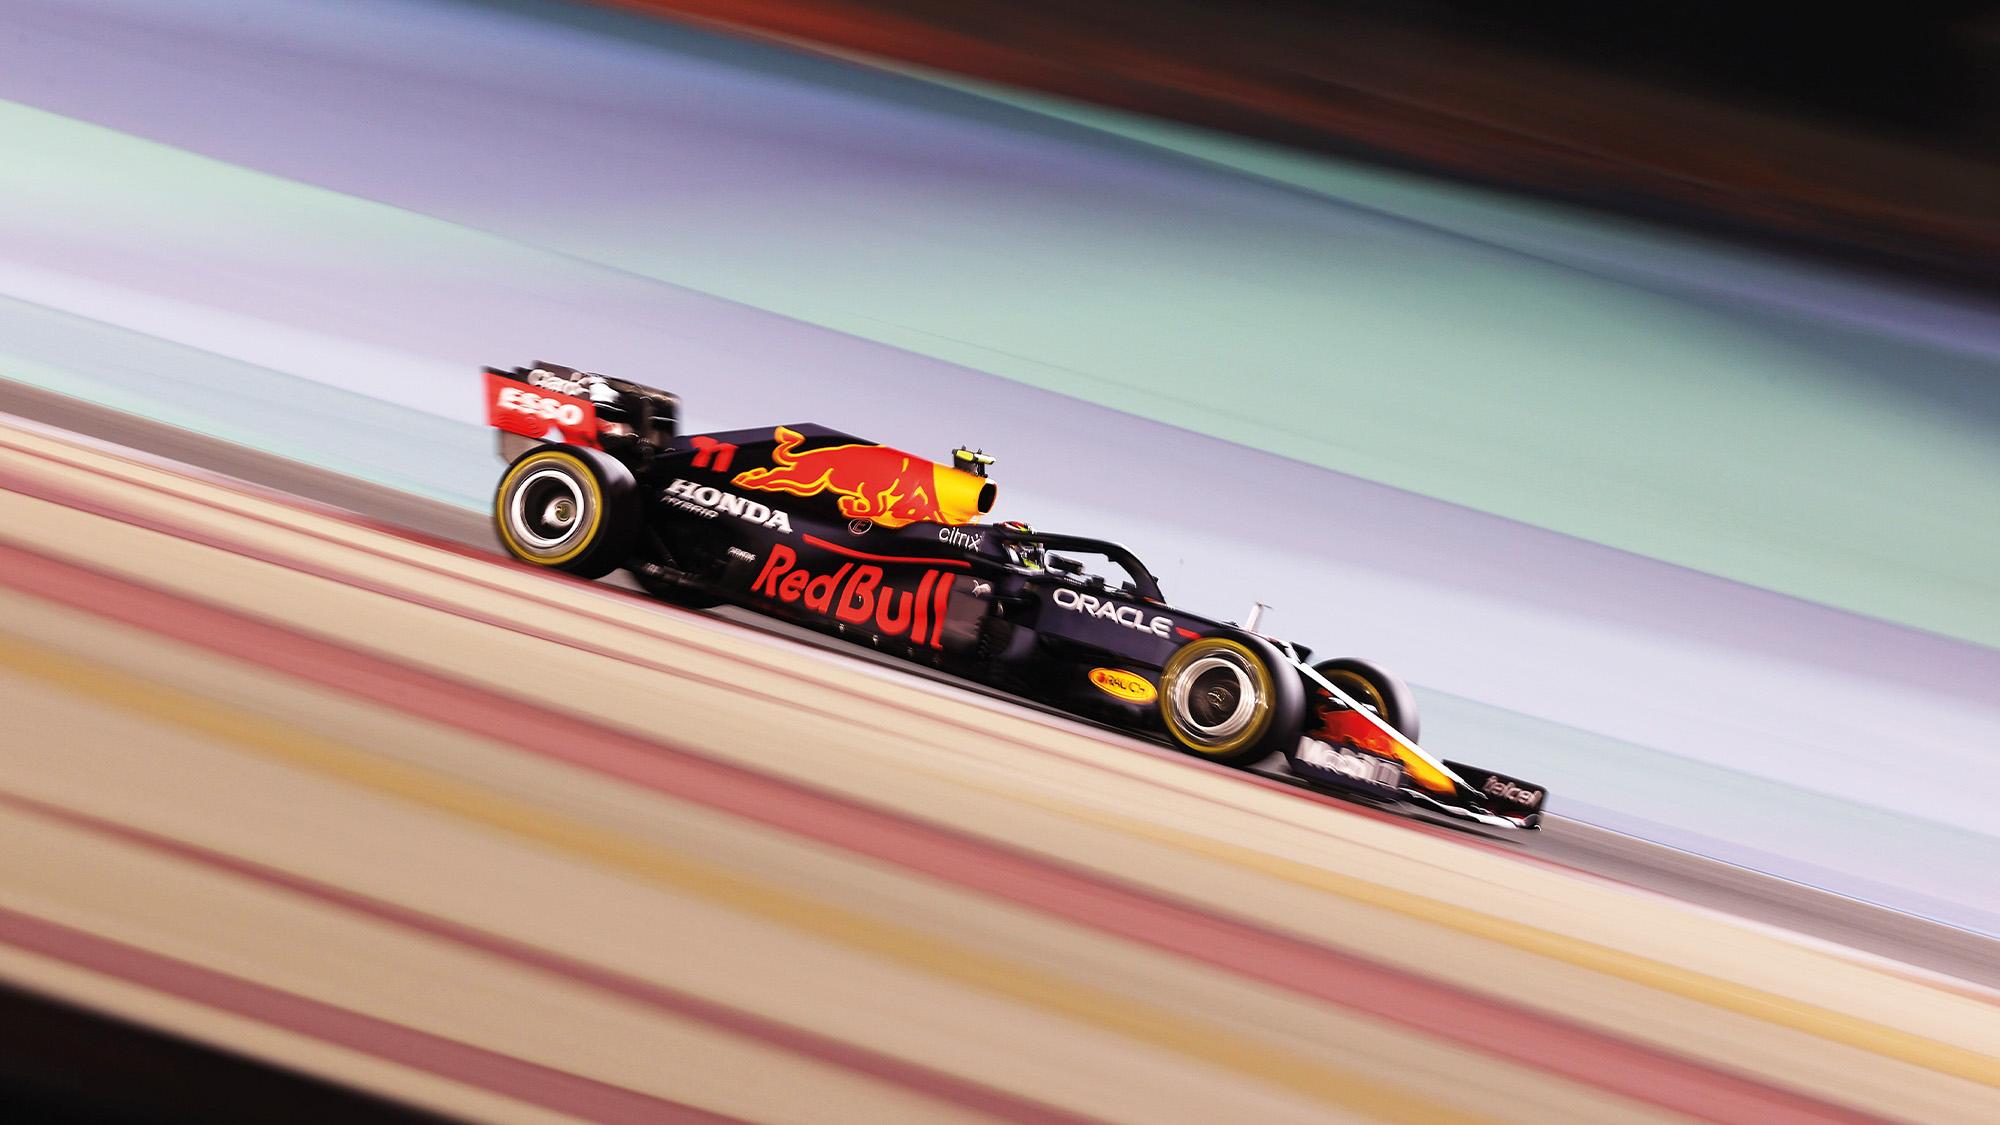 Red Bull of Sergio Perez at the 2021 Bahrain Grand Prix